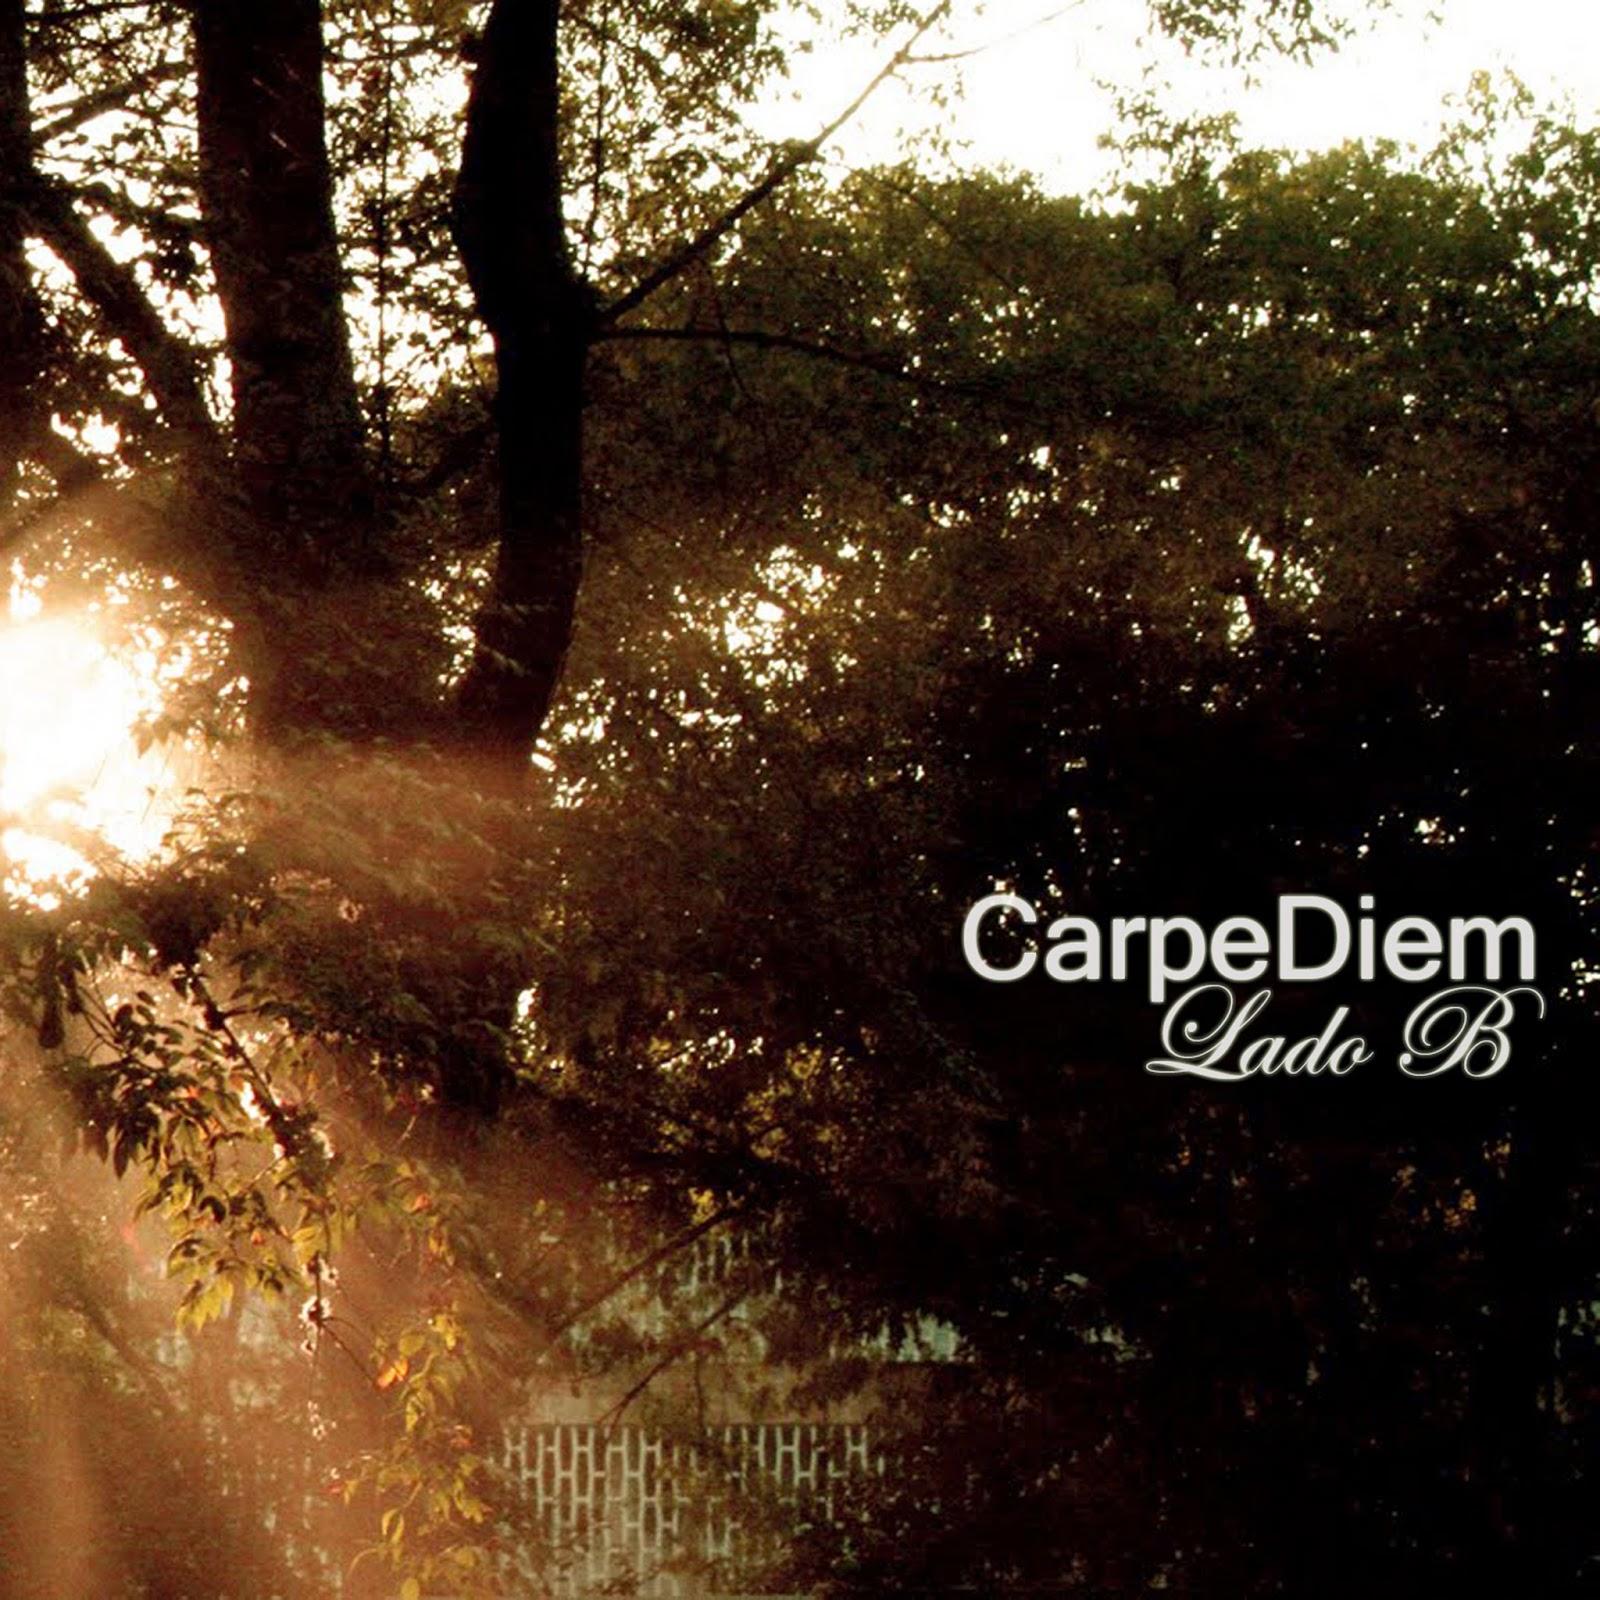 Carpe Diem - Lado B